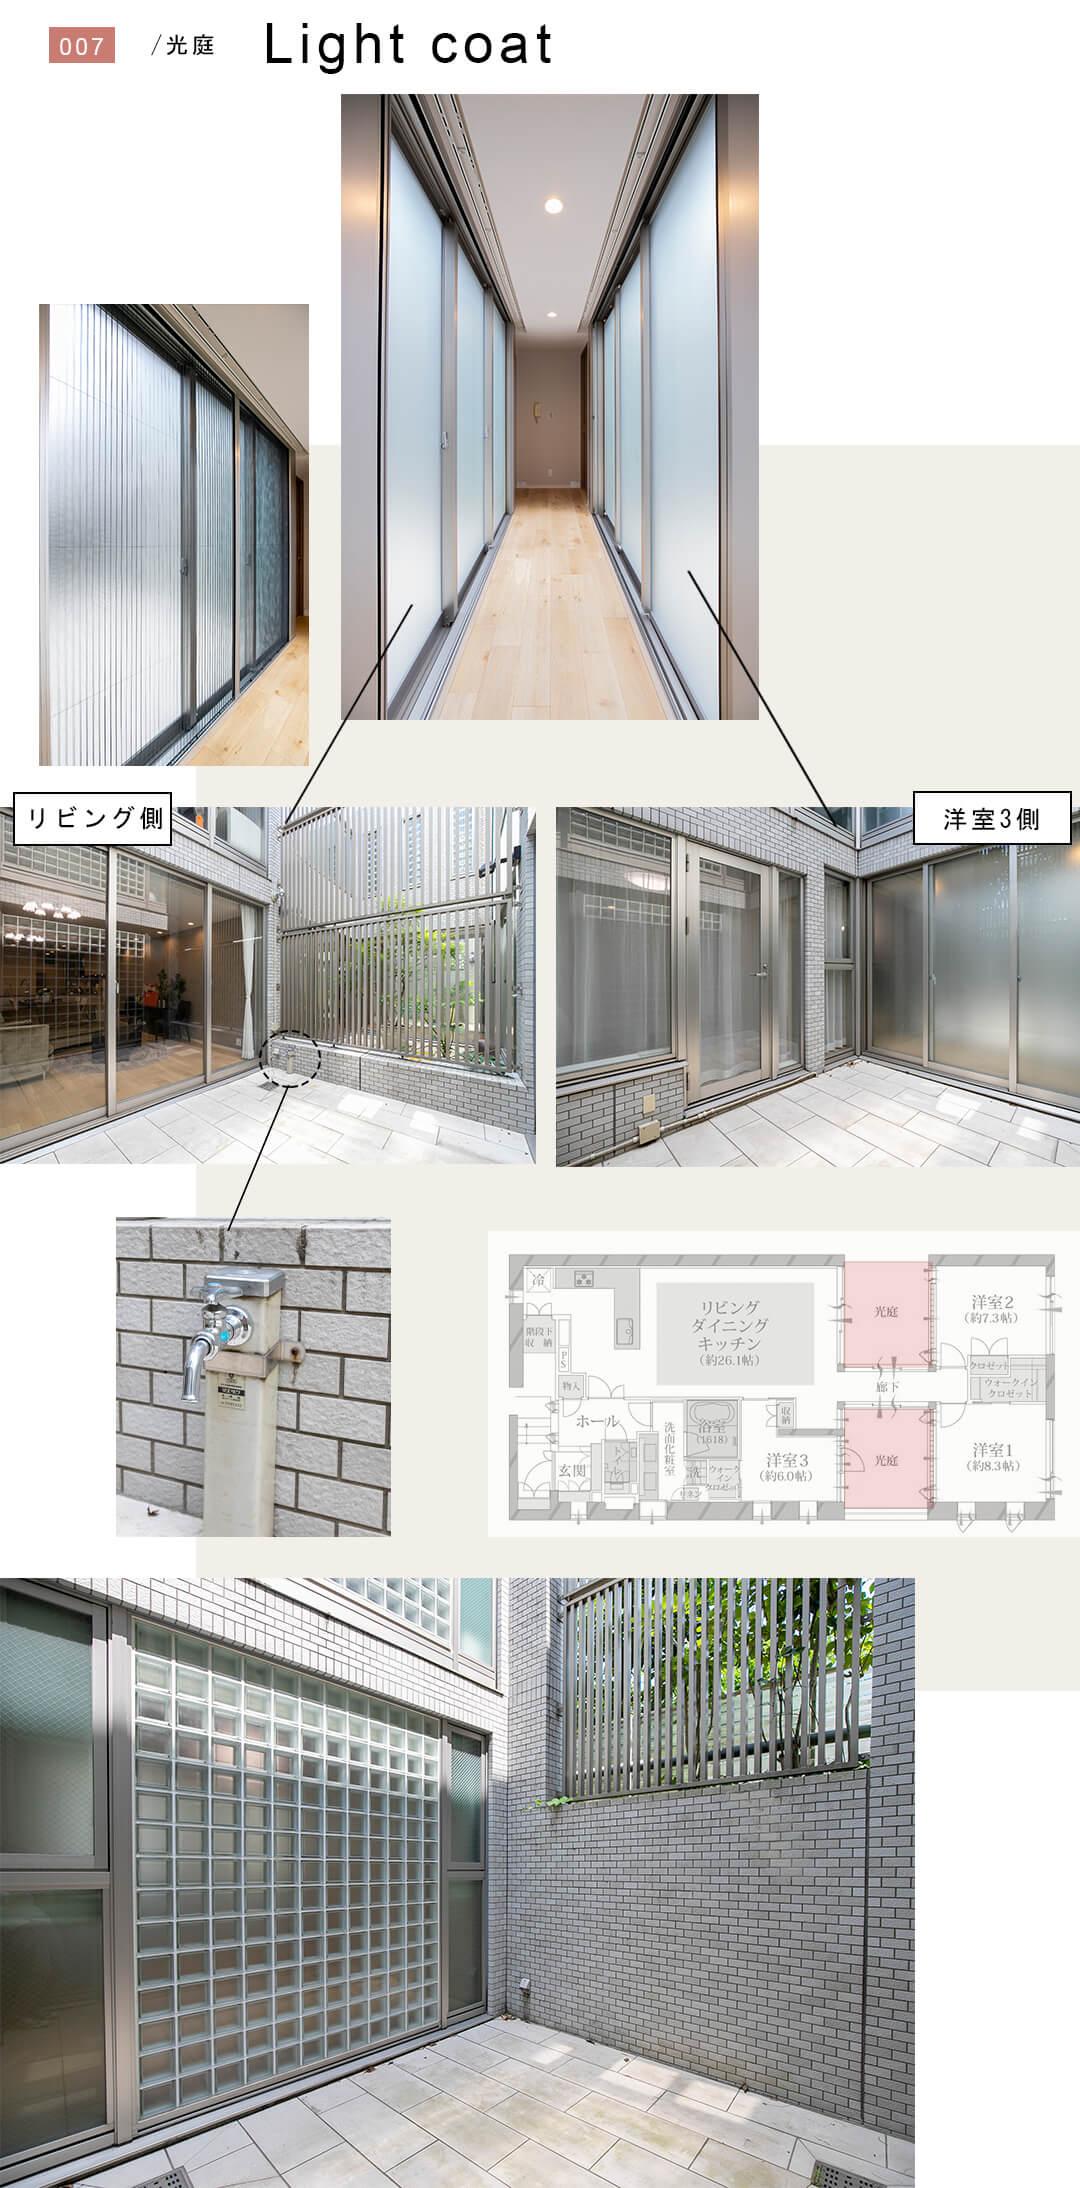 松濤コートハウスの光庭